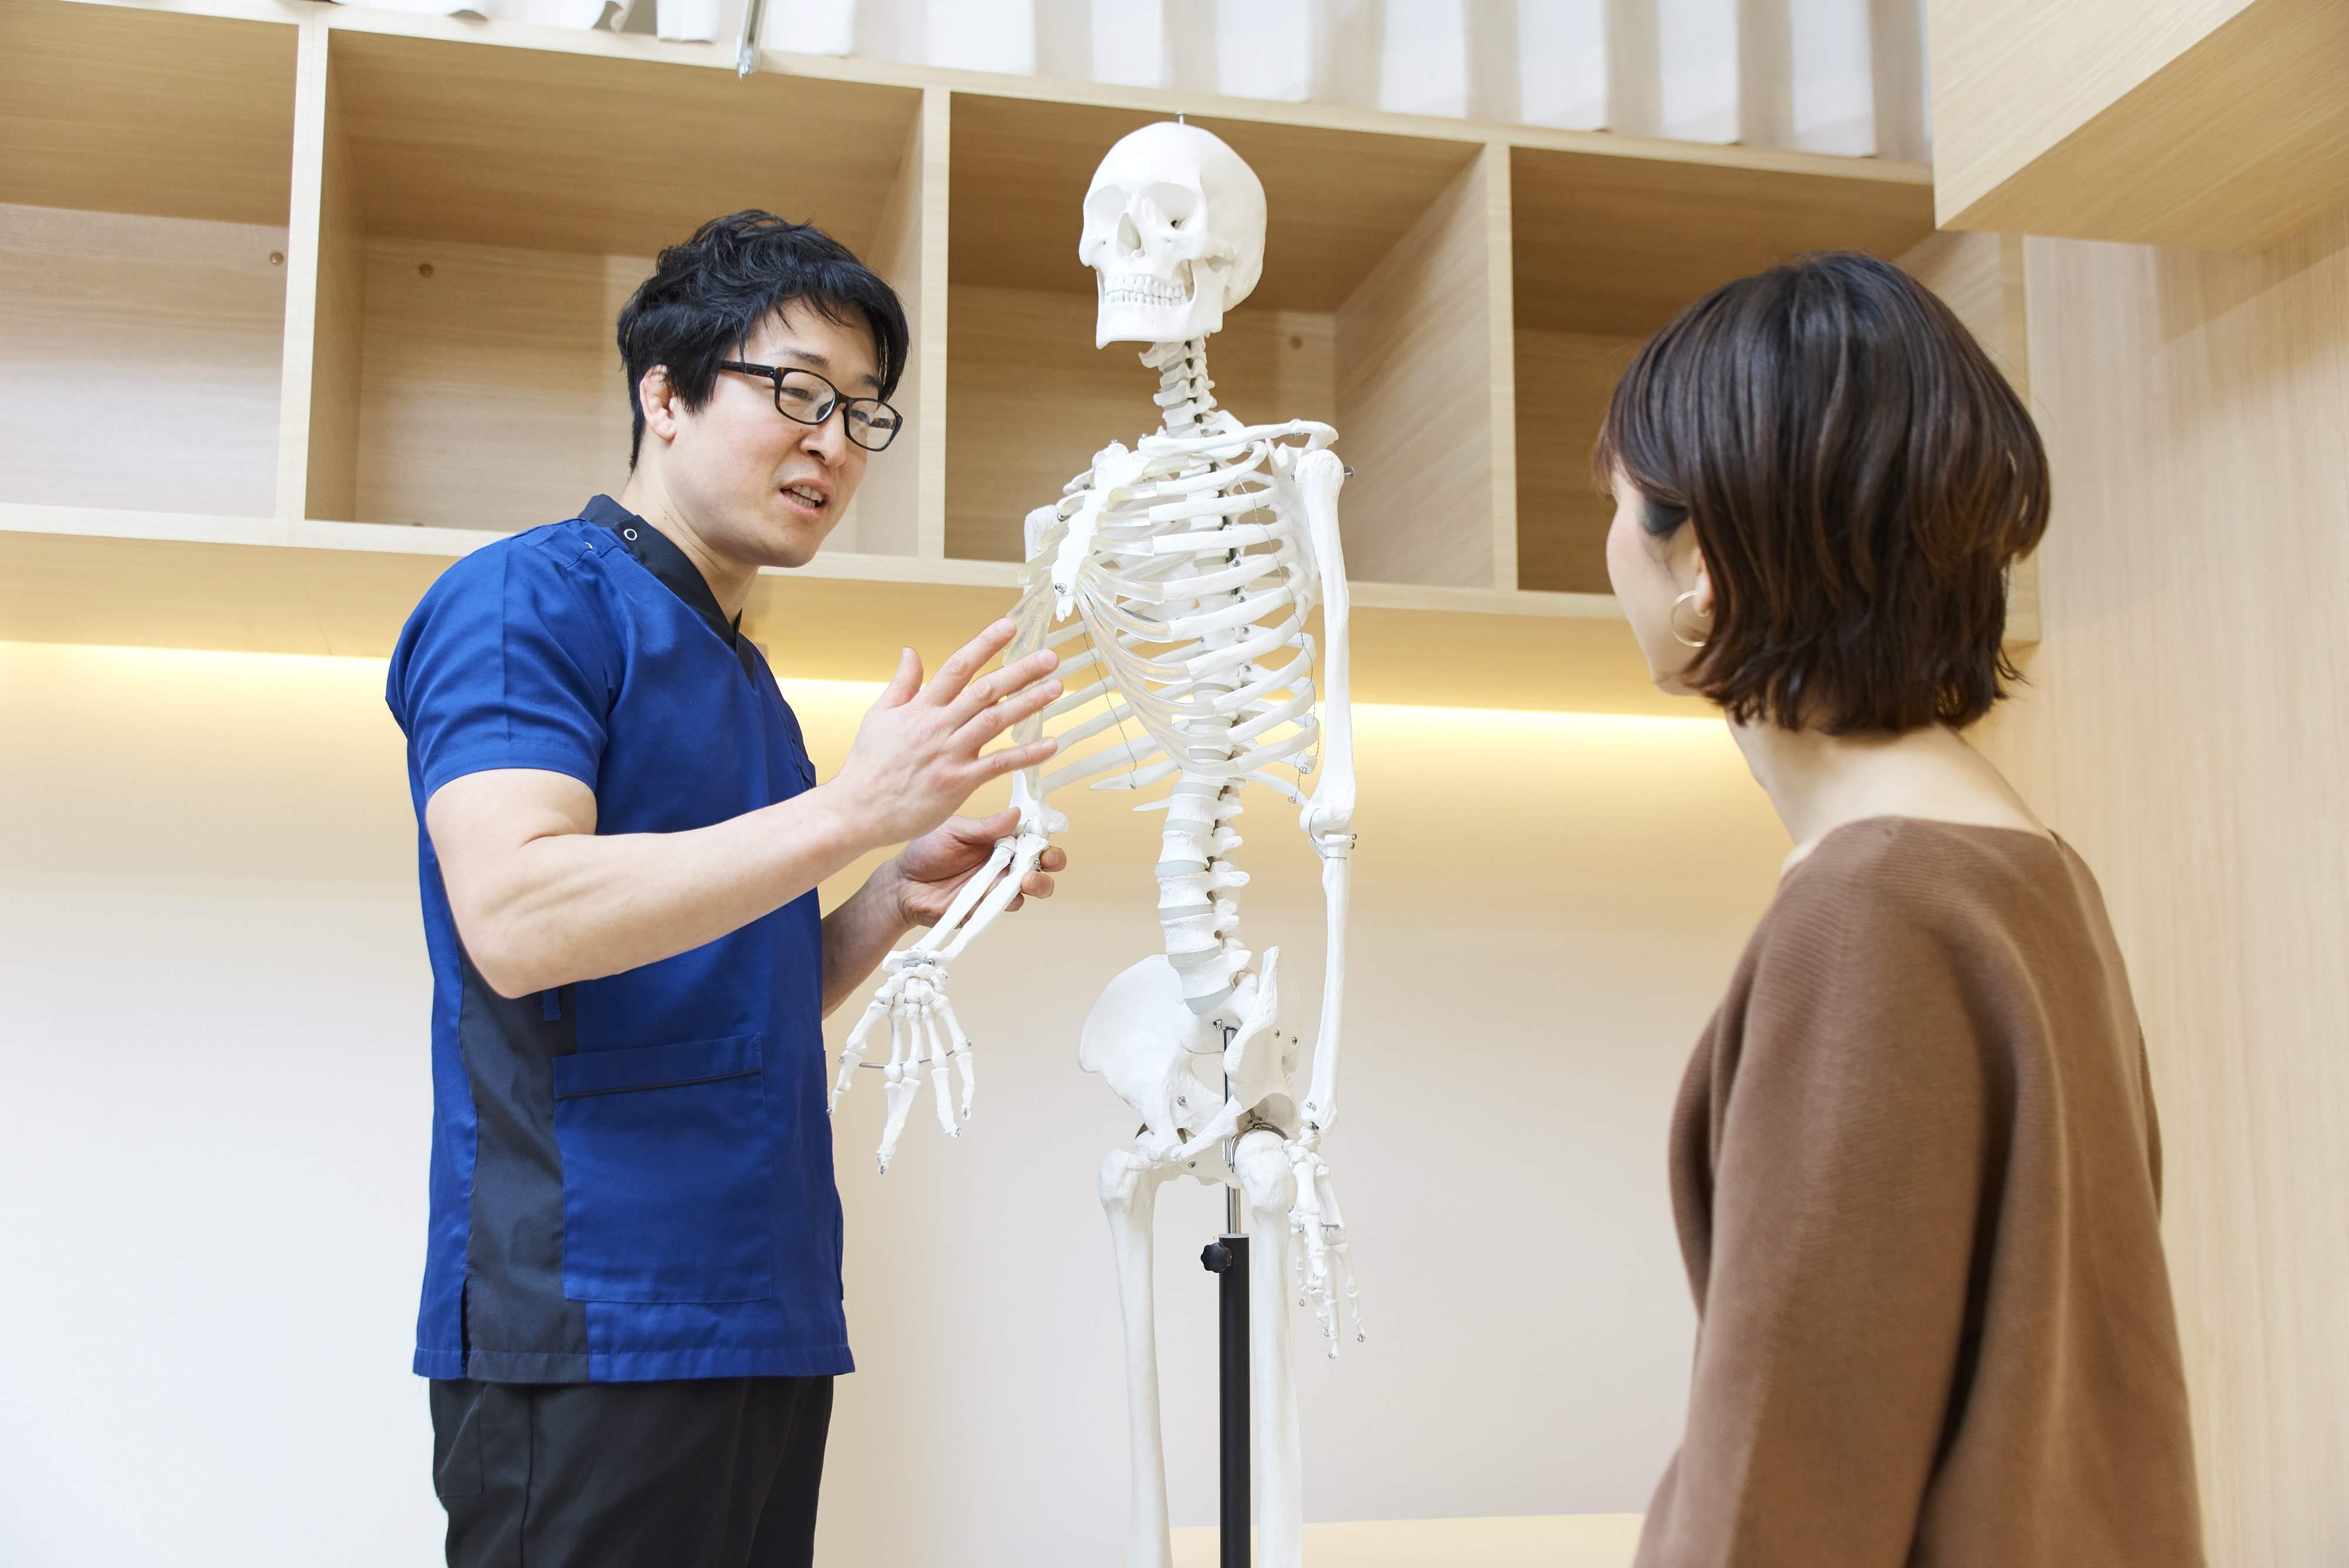 国家資格者である体の専門家がしっかりと診させて頂きます